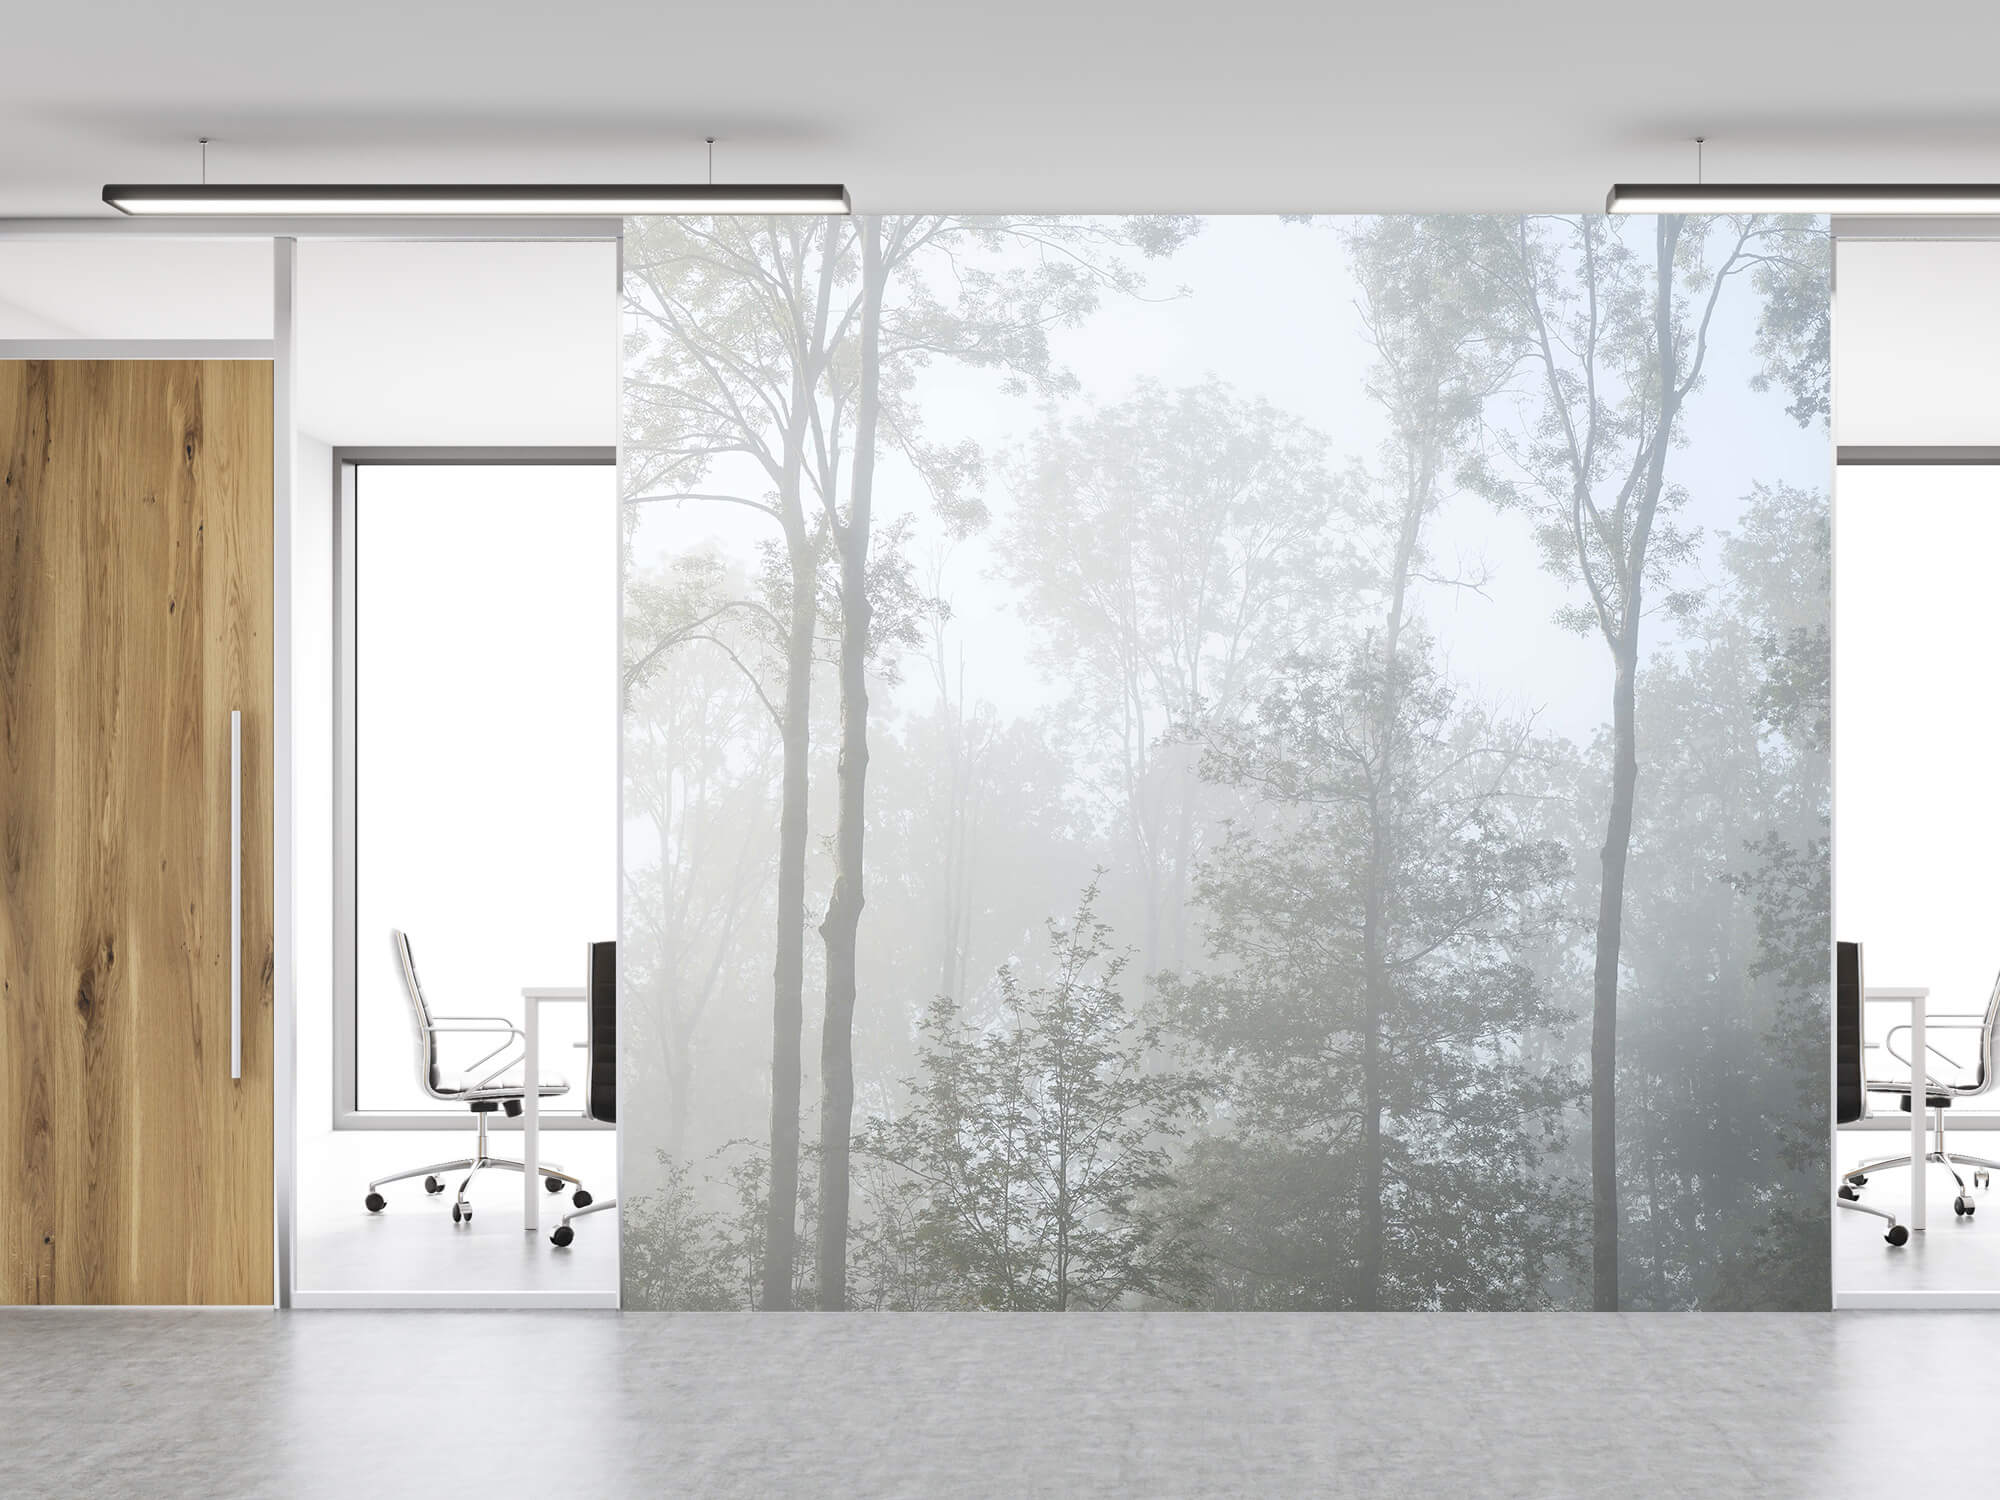 Bos behang Dichte mist in het bos 11